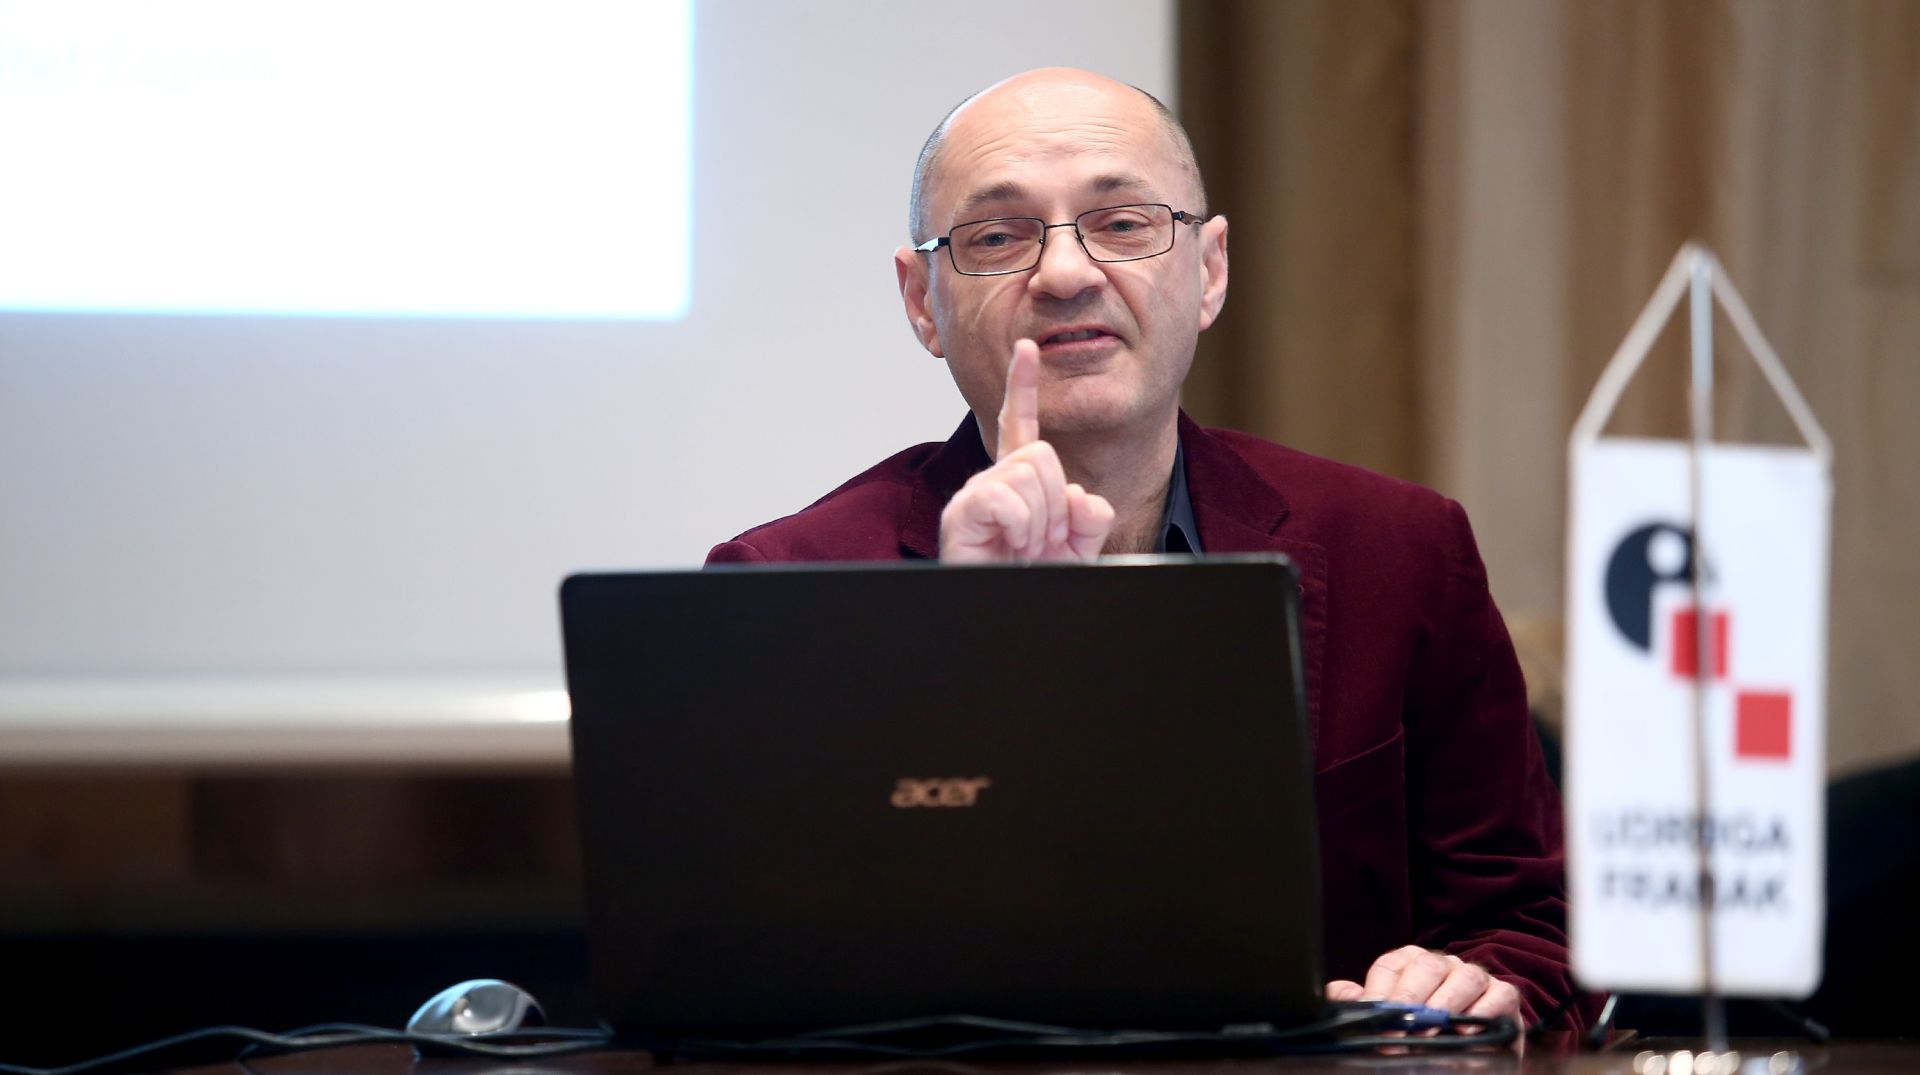 Udruga Franak podržava interpelaciju o radu Vlade